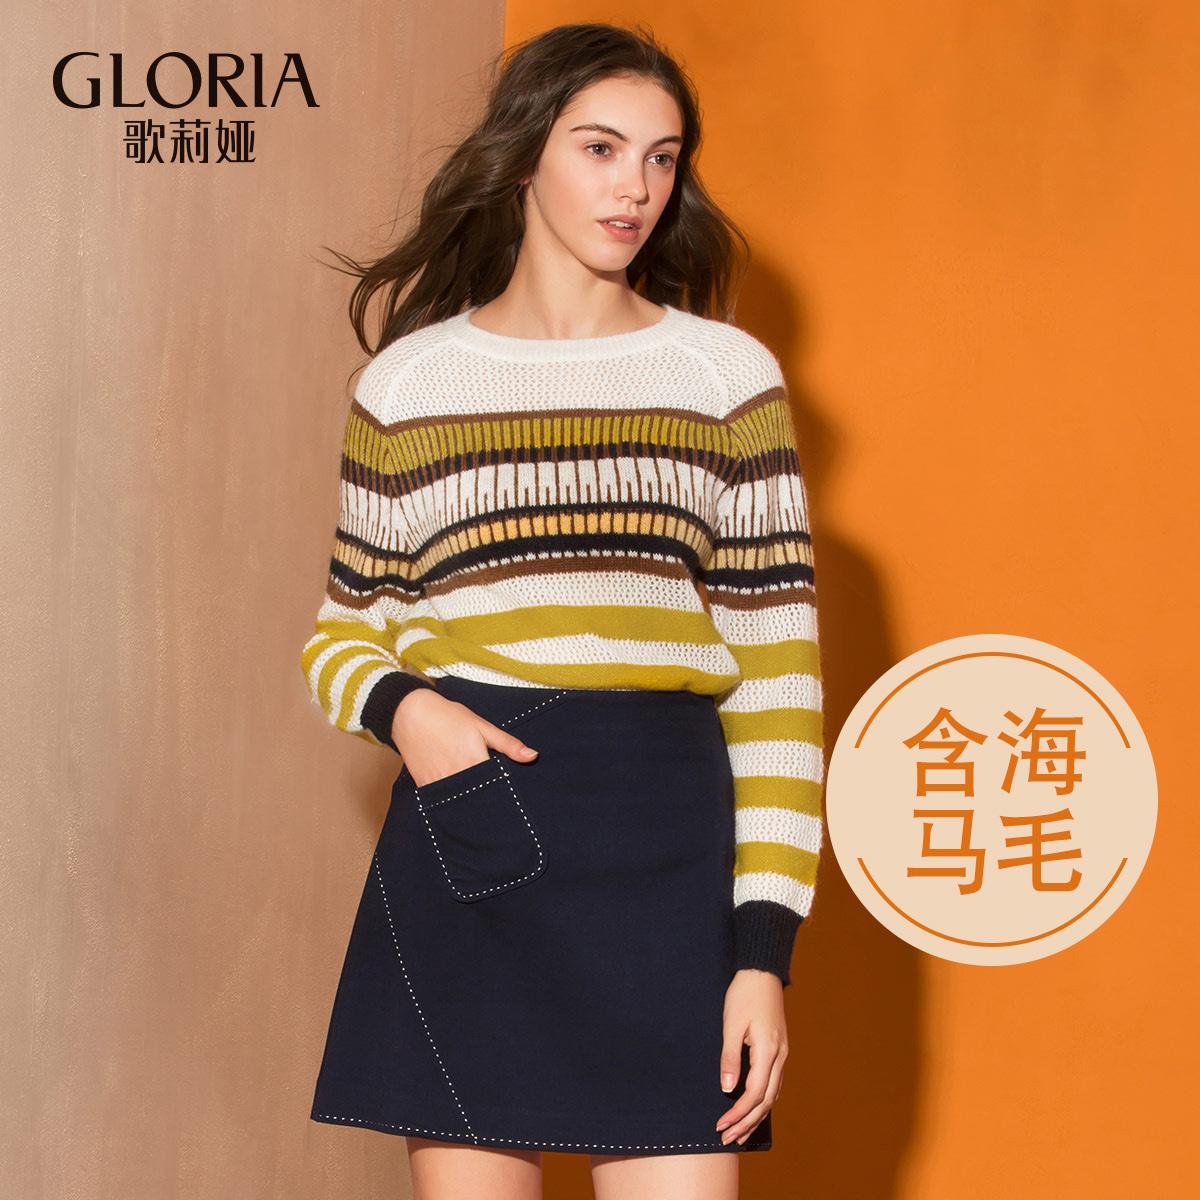 歌莉娅女装 GLORIA歌莉娅女装2017彩条套头毛衣长袖上衣171R5J240_推荐淘宝好看的歌莉娅